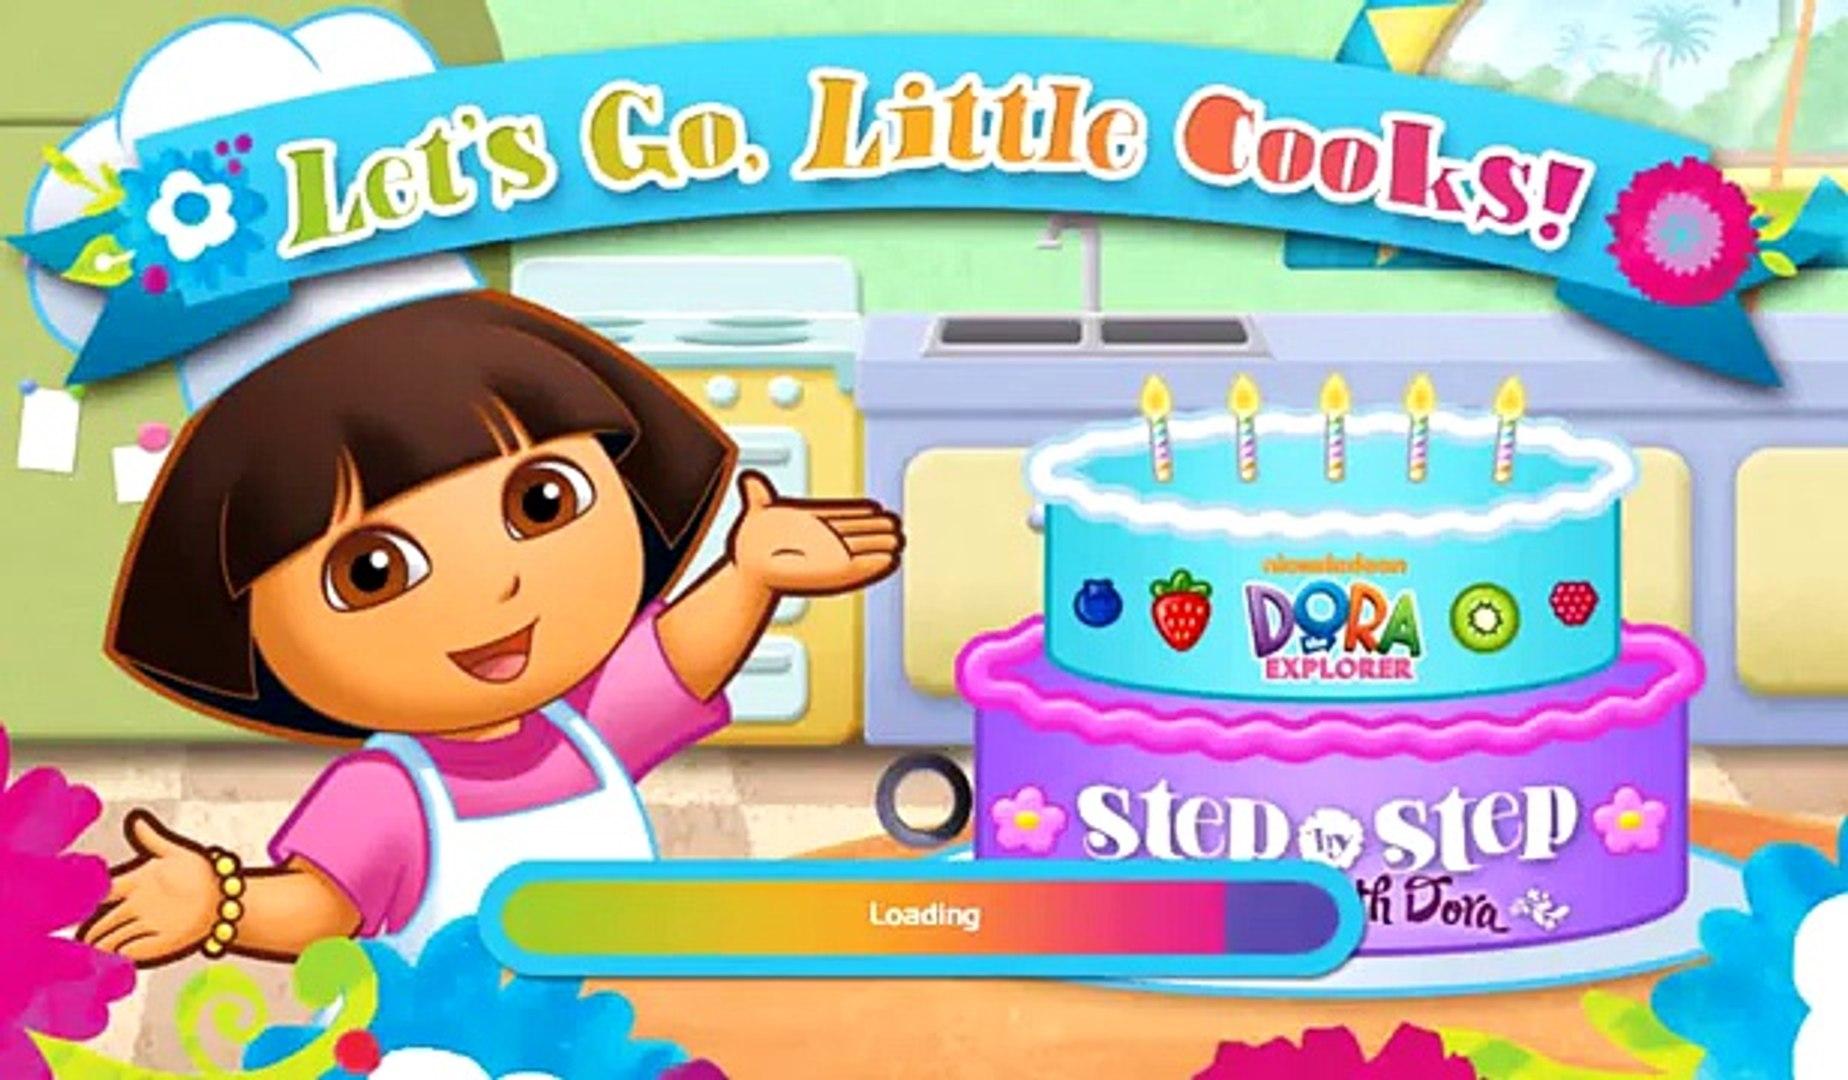 Una y una en un tiene una un en y Cueza al horno cumpleaños pastel  decoración Explorador juego en línea el con dora |